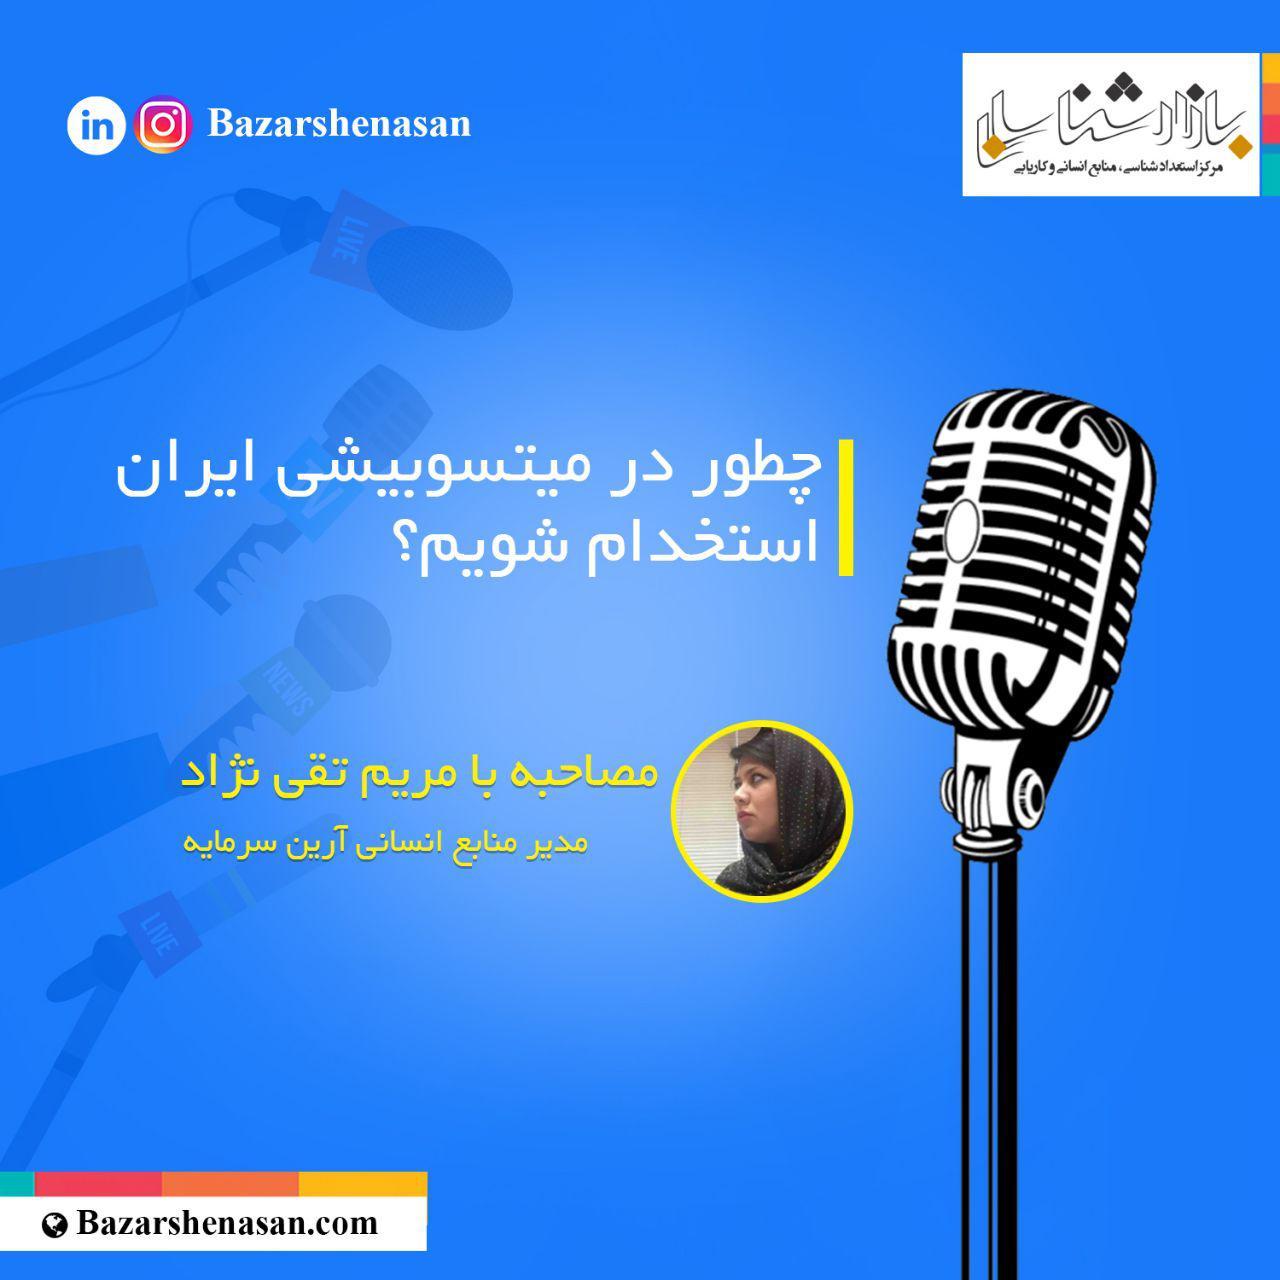 چطور در میتسوبیشی ایران استخدام شویم؟ مصاحبه با مریم تقی نژاد – مدیر منابع انسانی آرین سرمایه